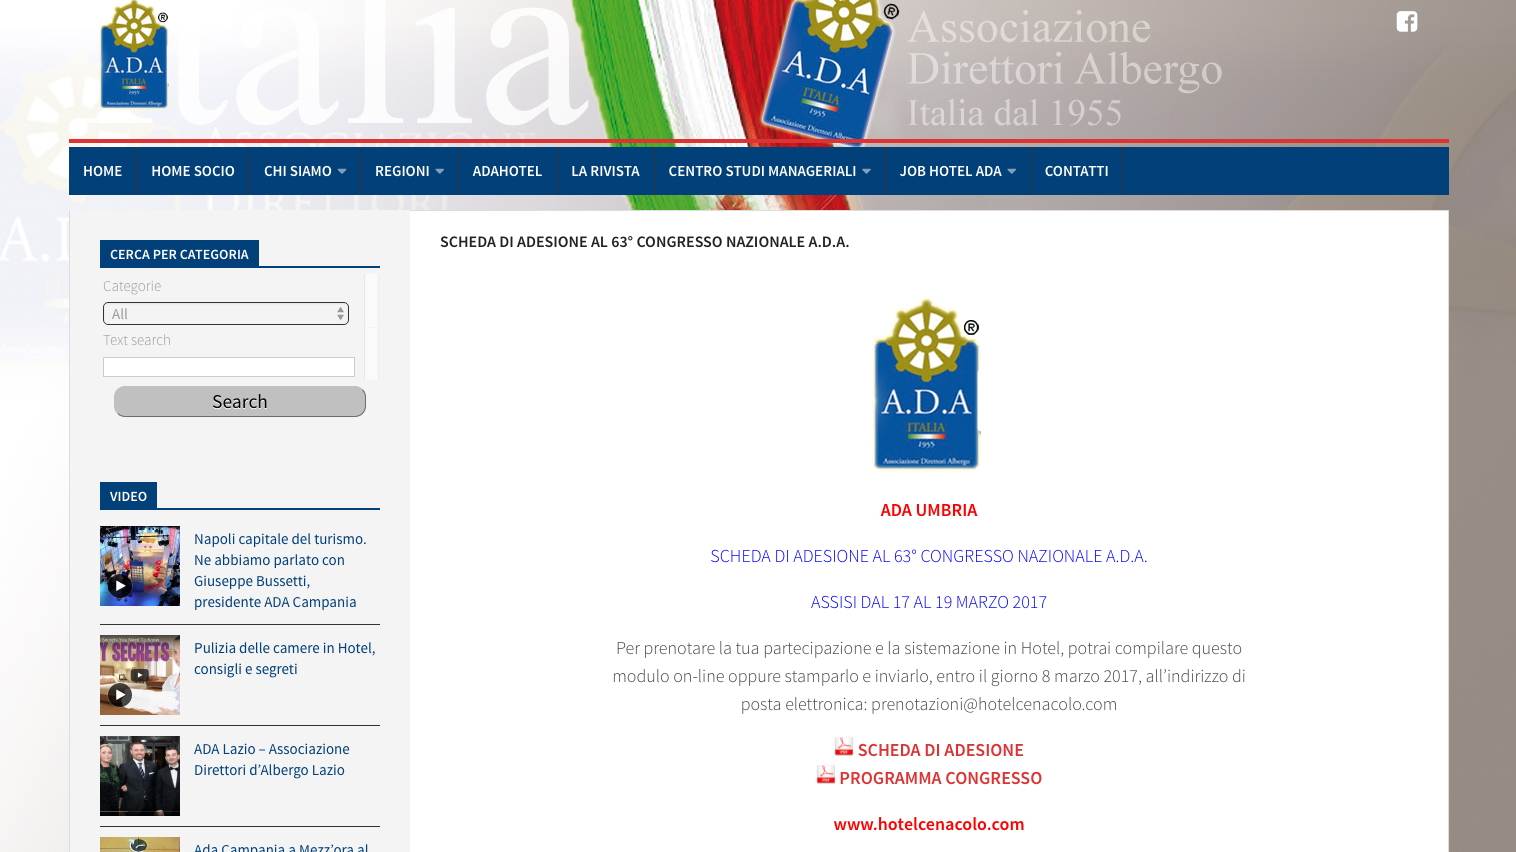 SCHEDA DI ADESIONE AL 63° CONGRESSO NAZIONALE A.D.A.